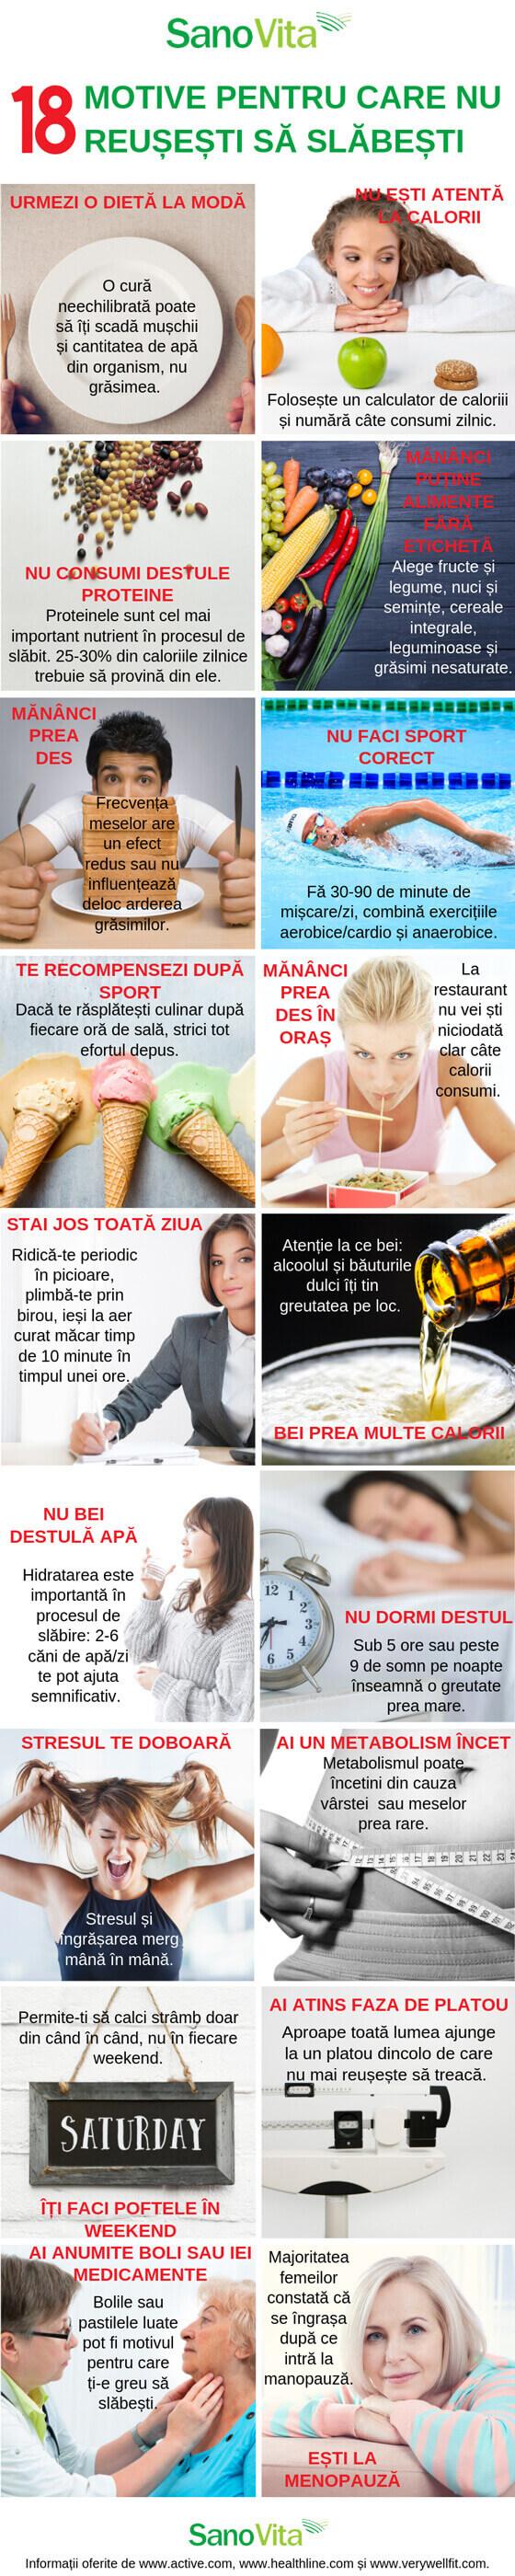 modalitate ușoară de sfaturi pentru pierderea în greutate mai slabire